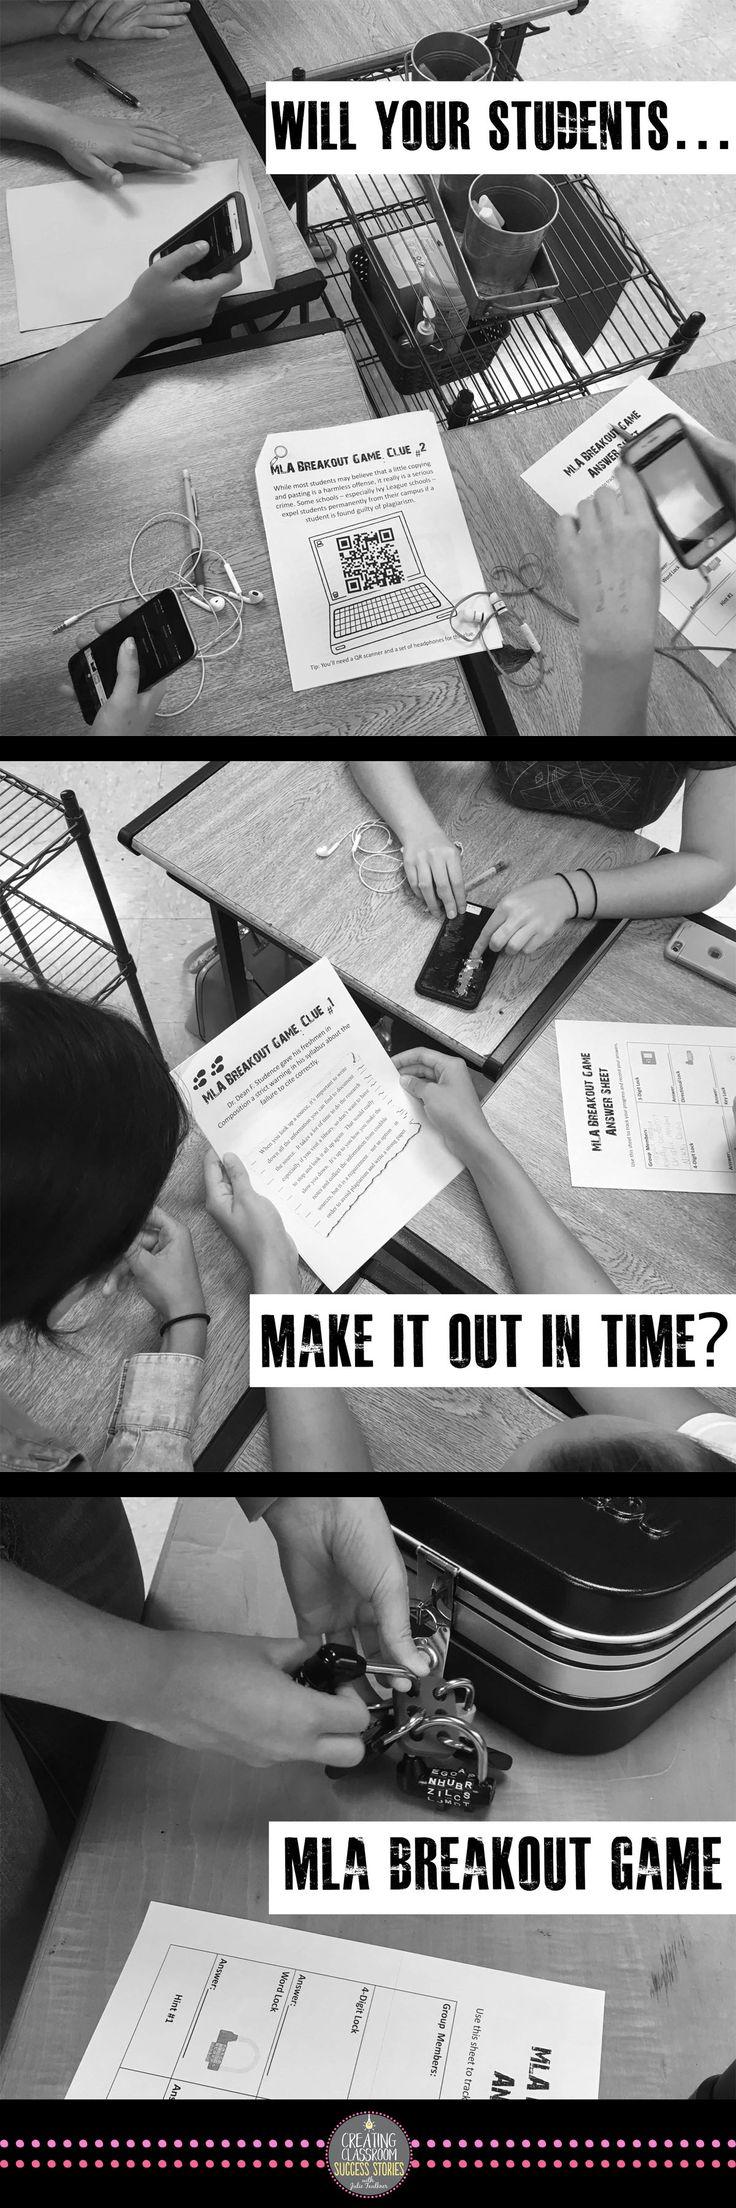 breakout escape game, MLA review, citation game, practice, lock box, breakout edu, plagiarism